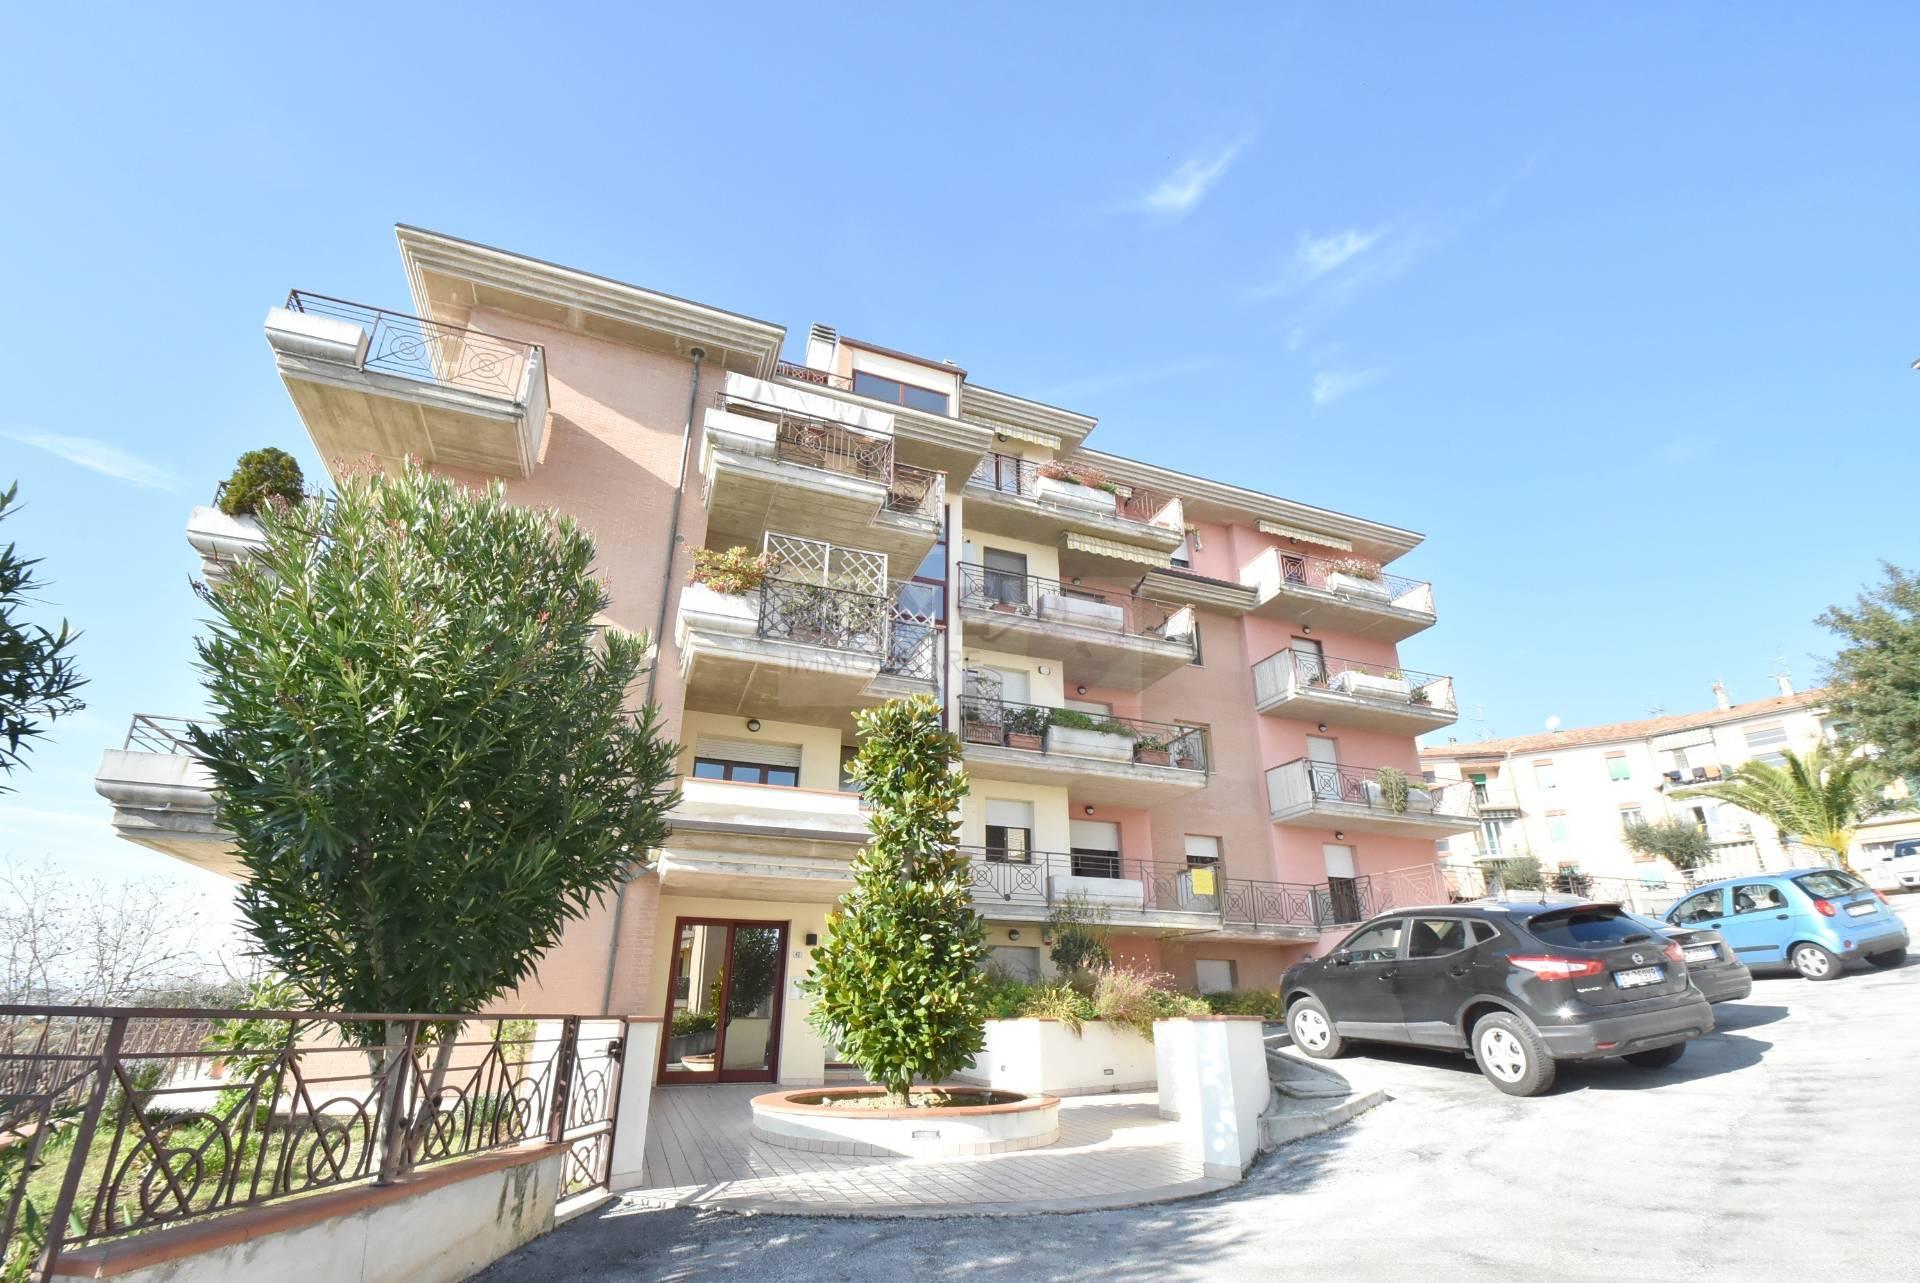 Appartamenti in vendita a macerata for Case in vendita macerata